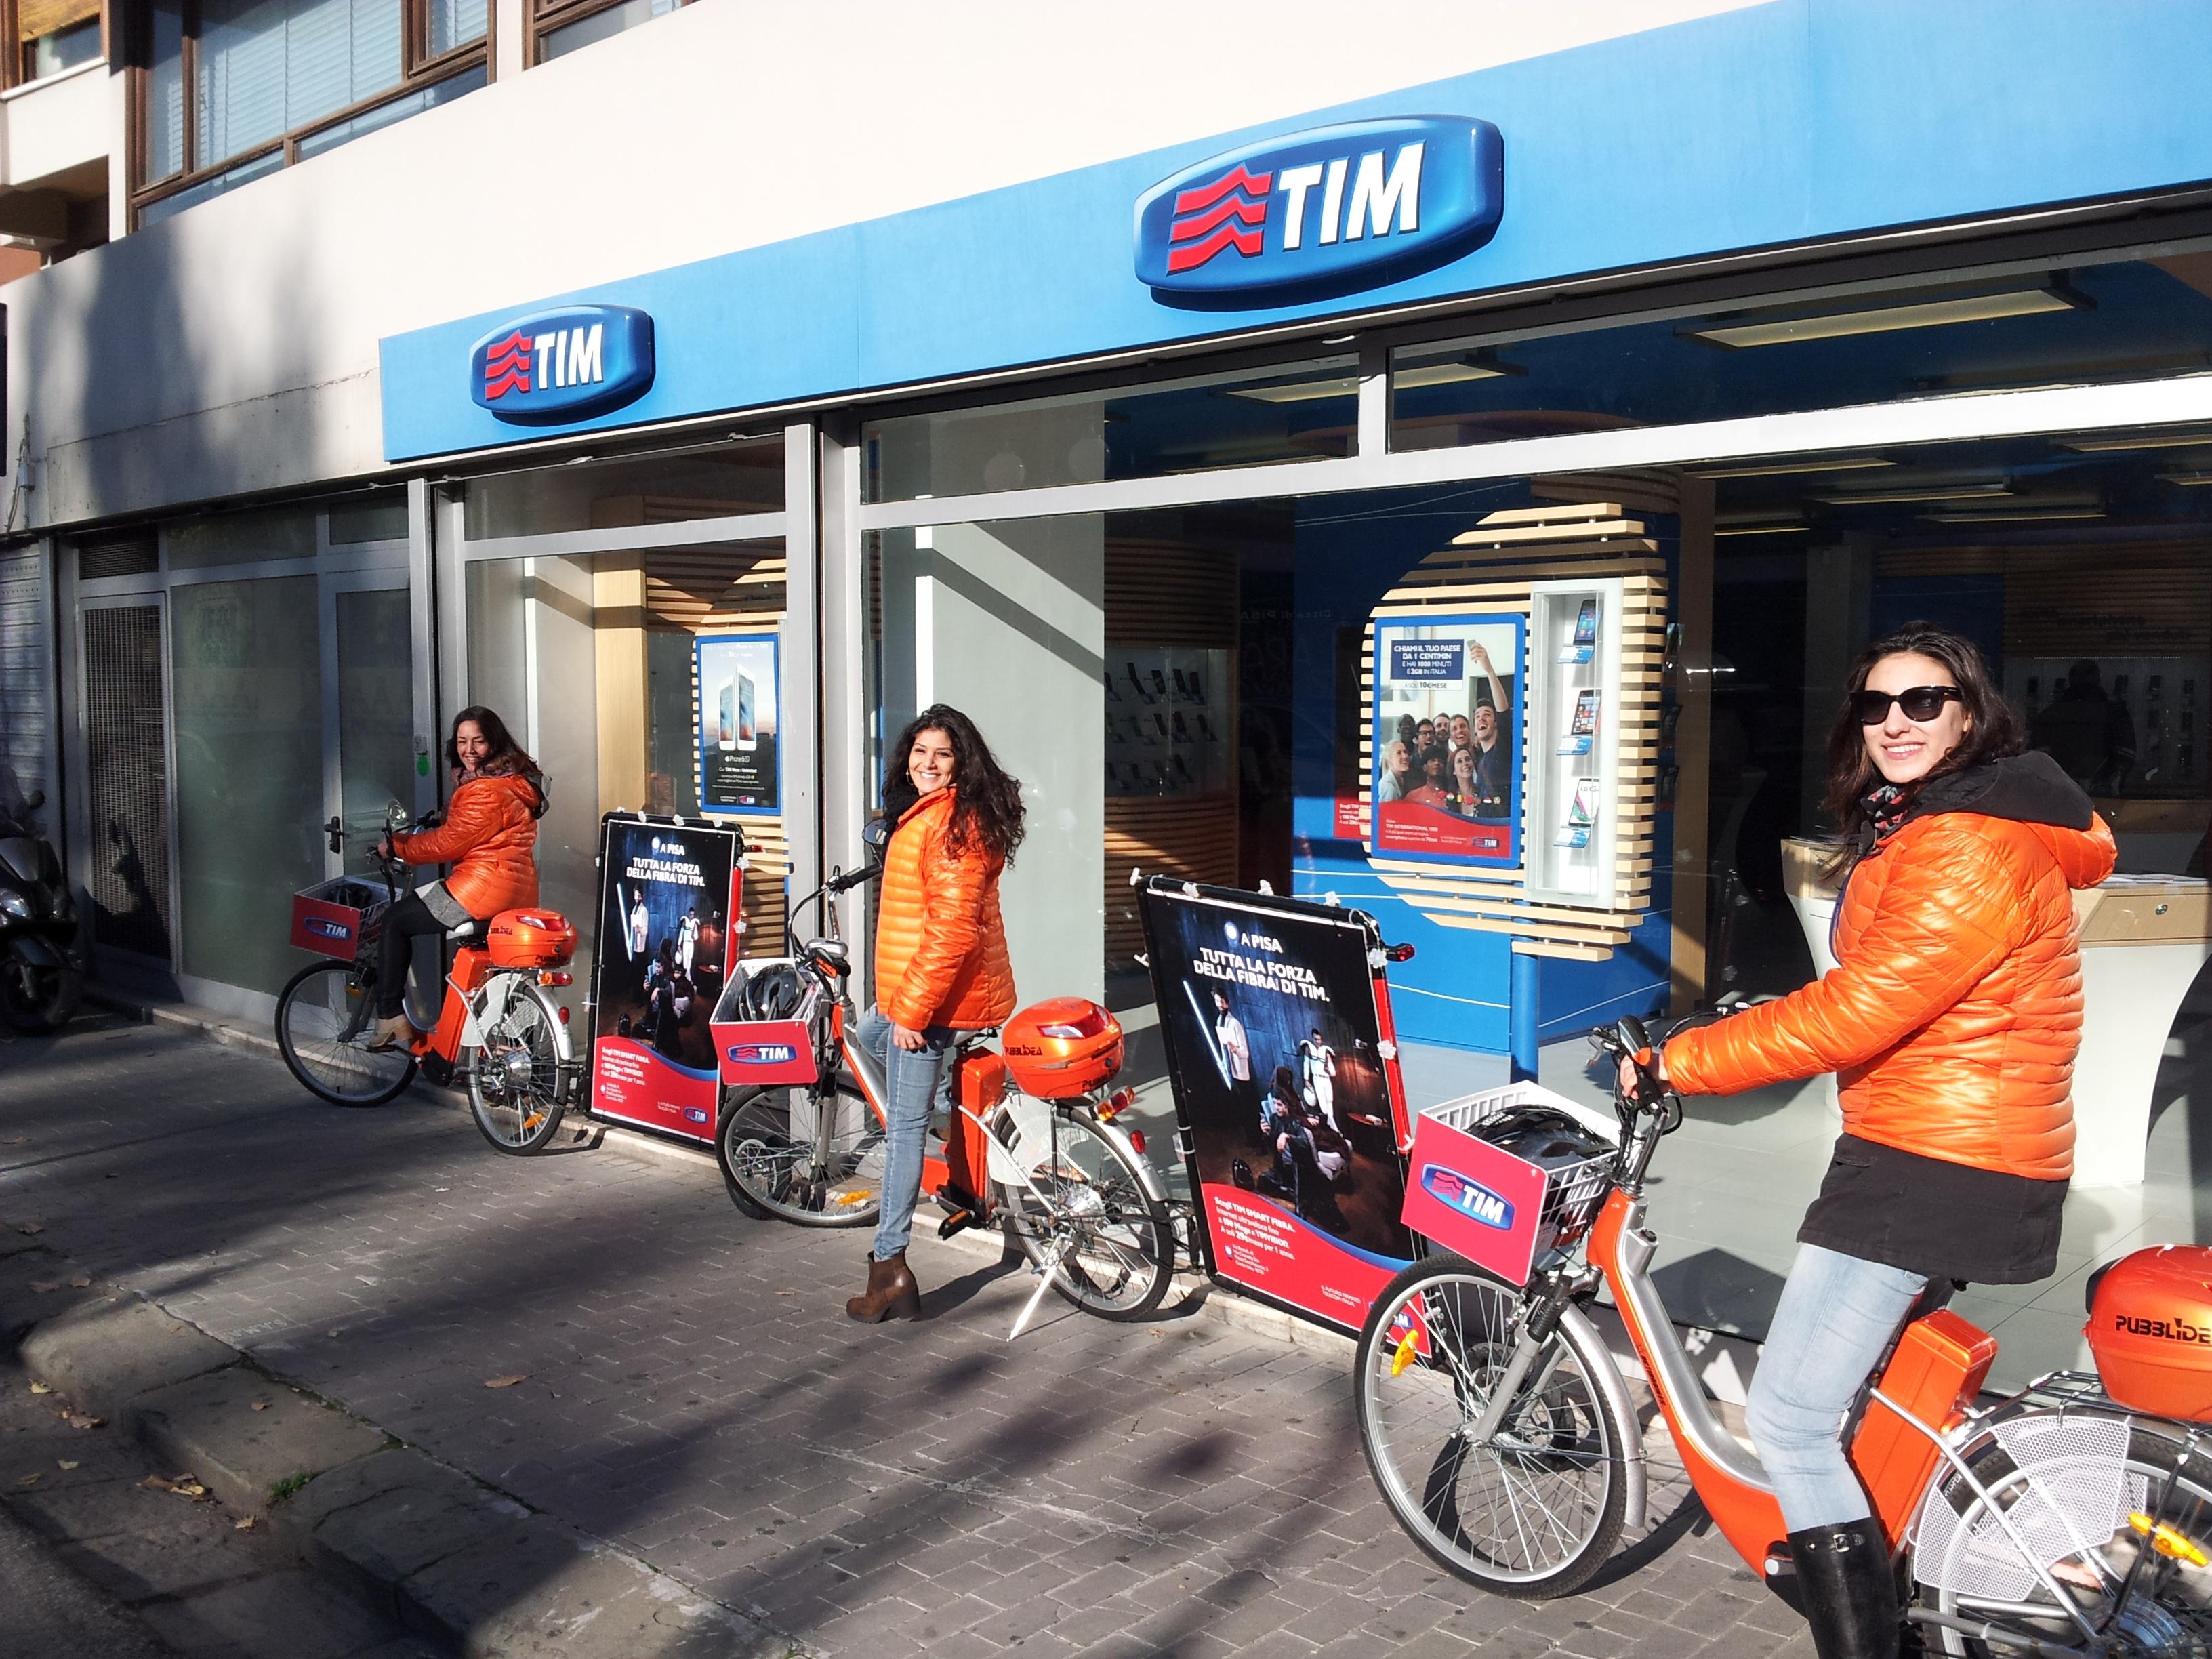 bici vela Pisa Lucca Livorno, bicicletta vela, bicicletta pubblicitaria, bici con carrello pubblicitario, bici pubblicità